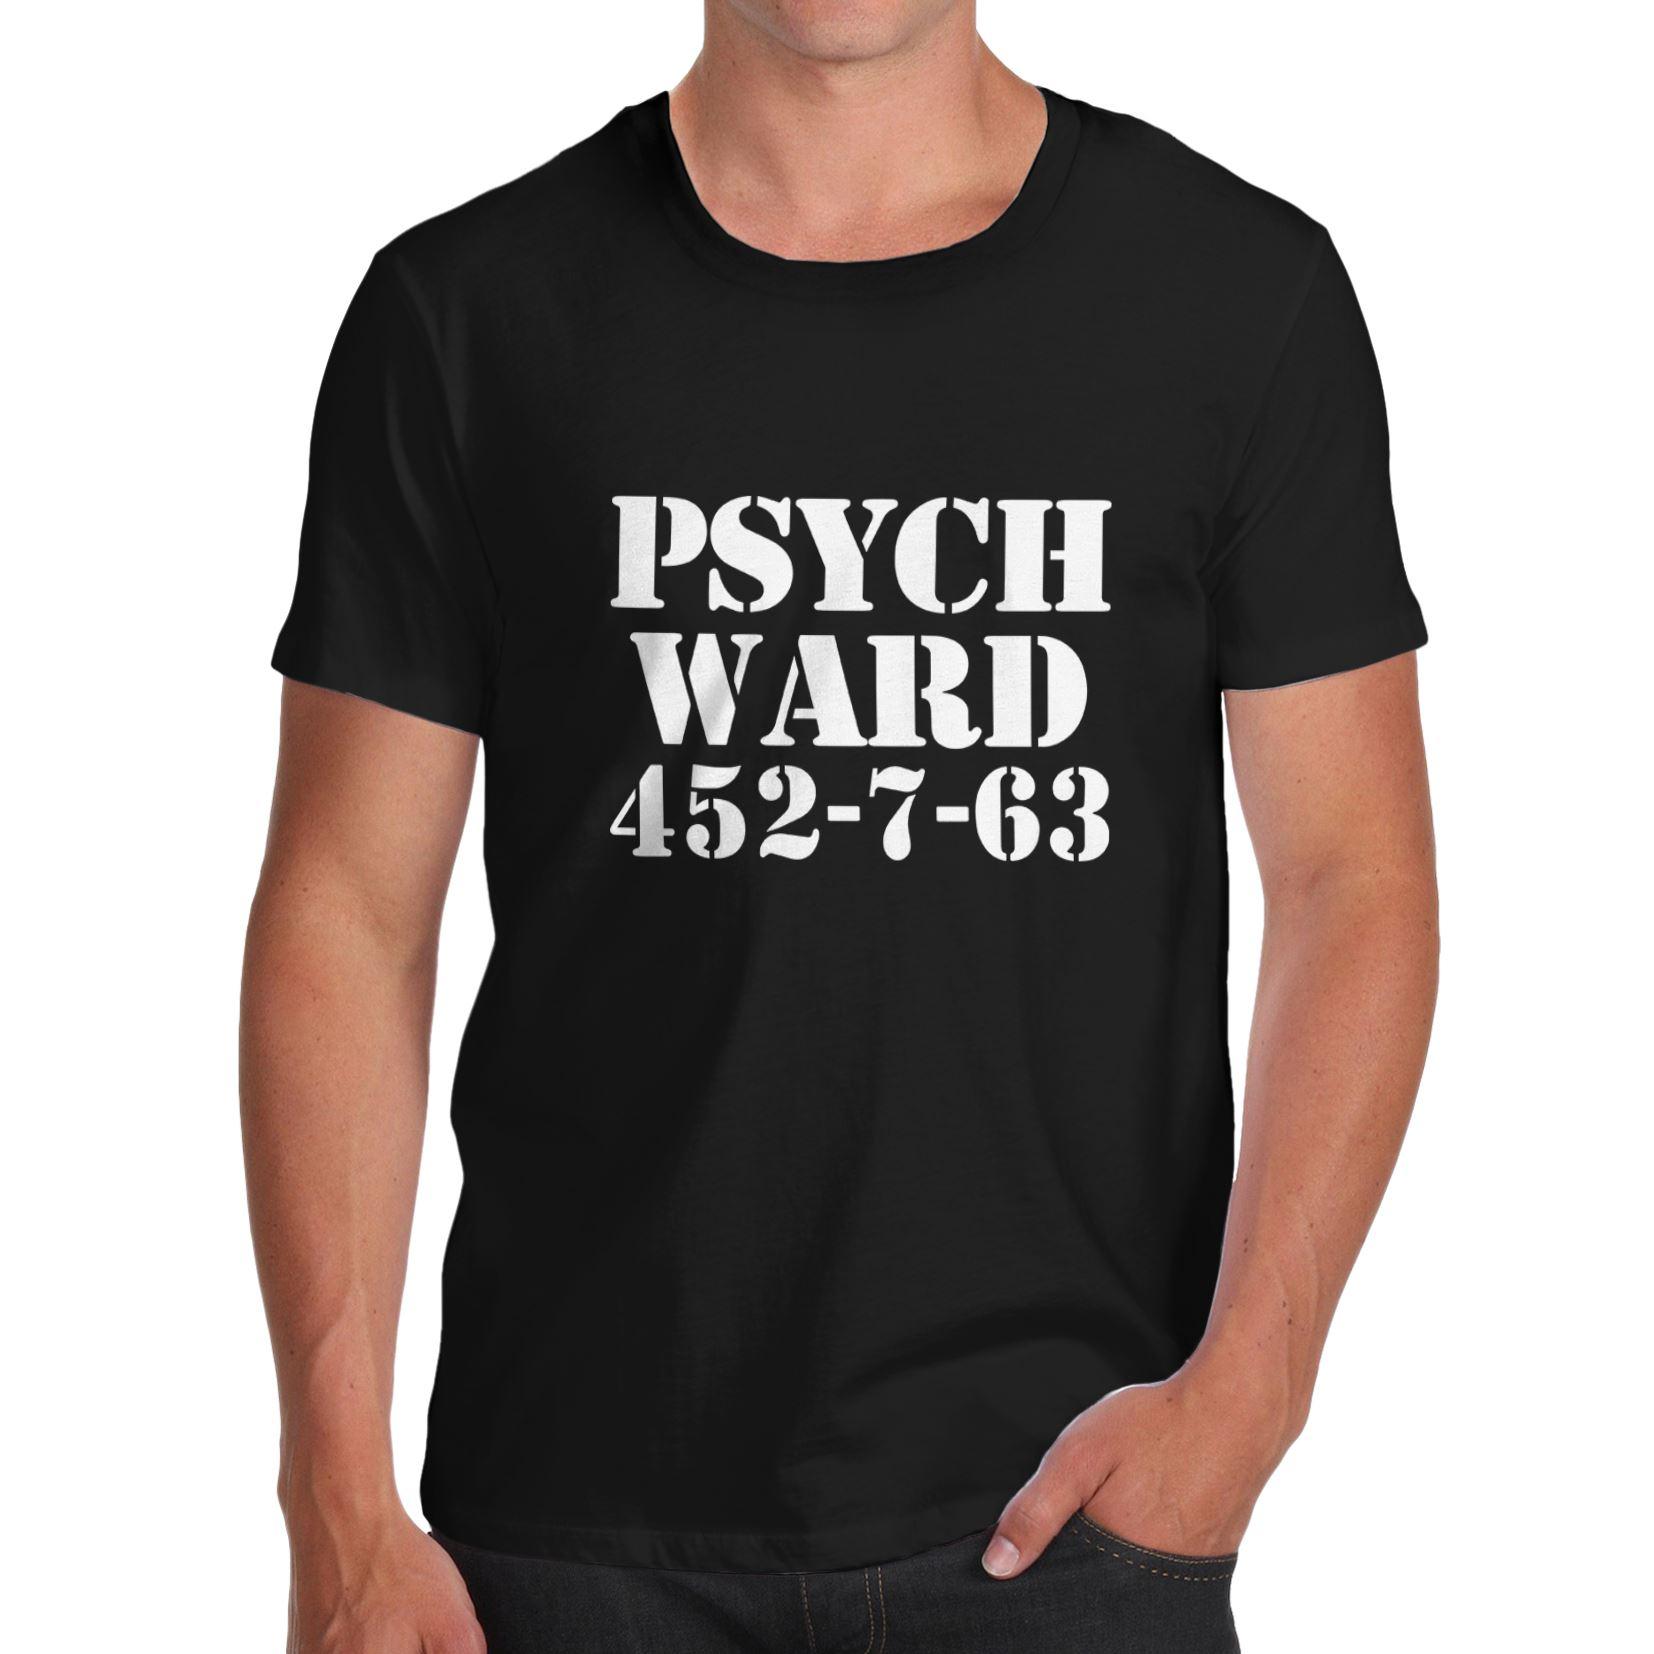 Nova Verão T-shirt Engraçado Torcida Envy Ala Psiquiátrica 452-7-63 Novidade dos homens Camiseta 100% Algodão camiseta de Manga curta Casuais Tamanho Euro